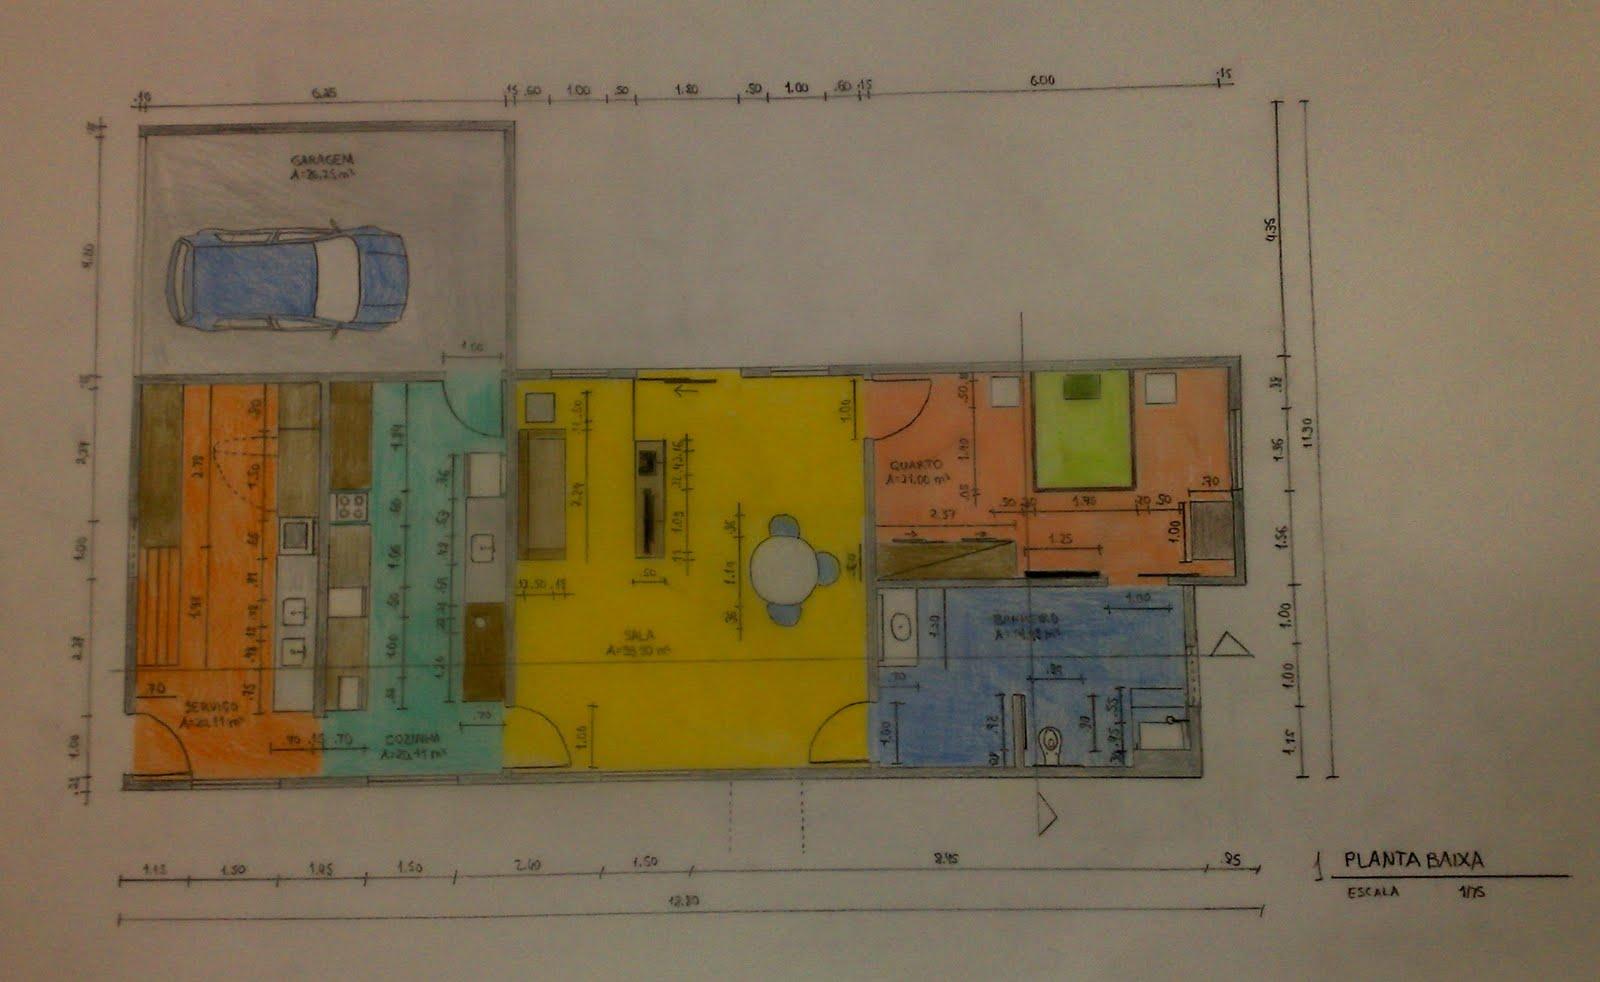 #6F4B22 Ergonomia na cidade de Fortaleza: Projeto de residência adaptada ao  1600x982 px projeto banheiro adaptado